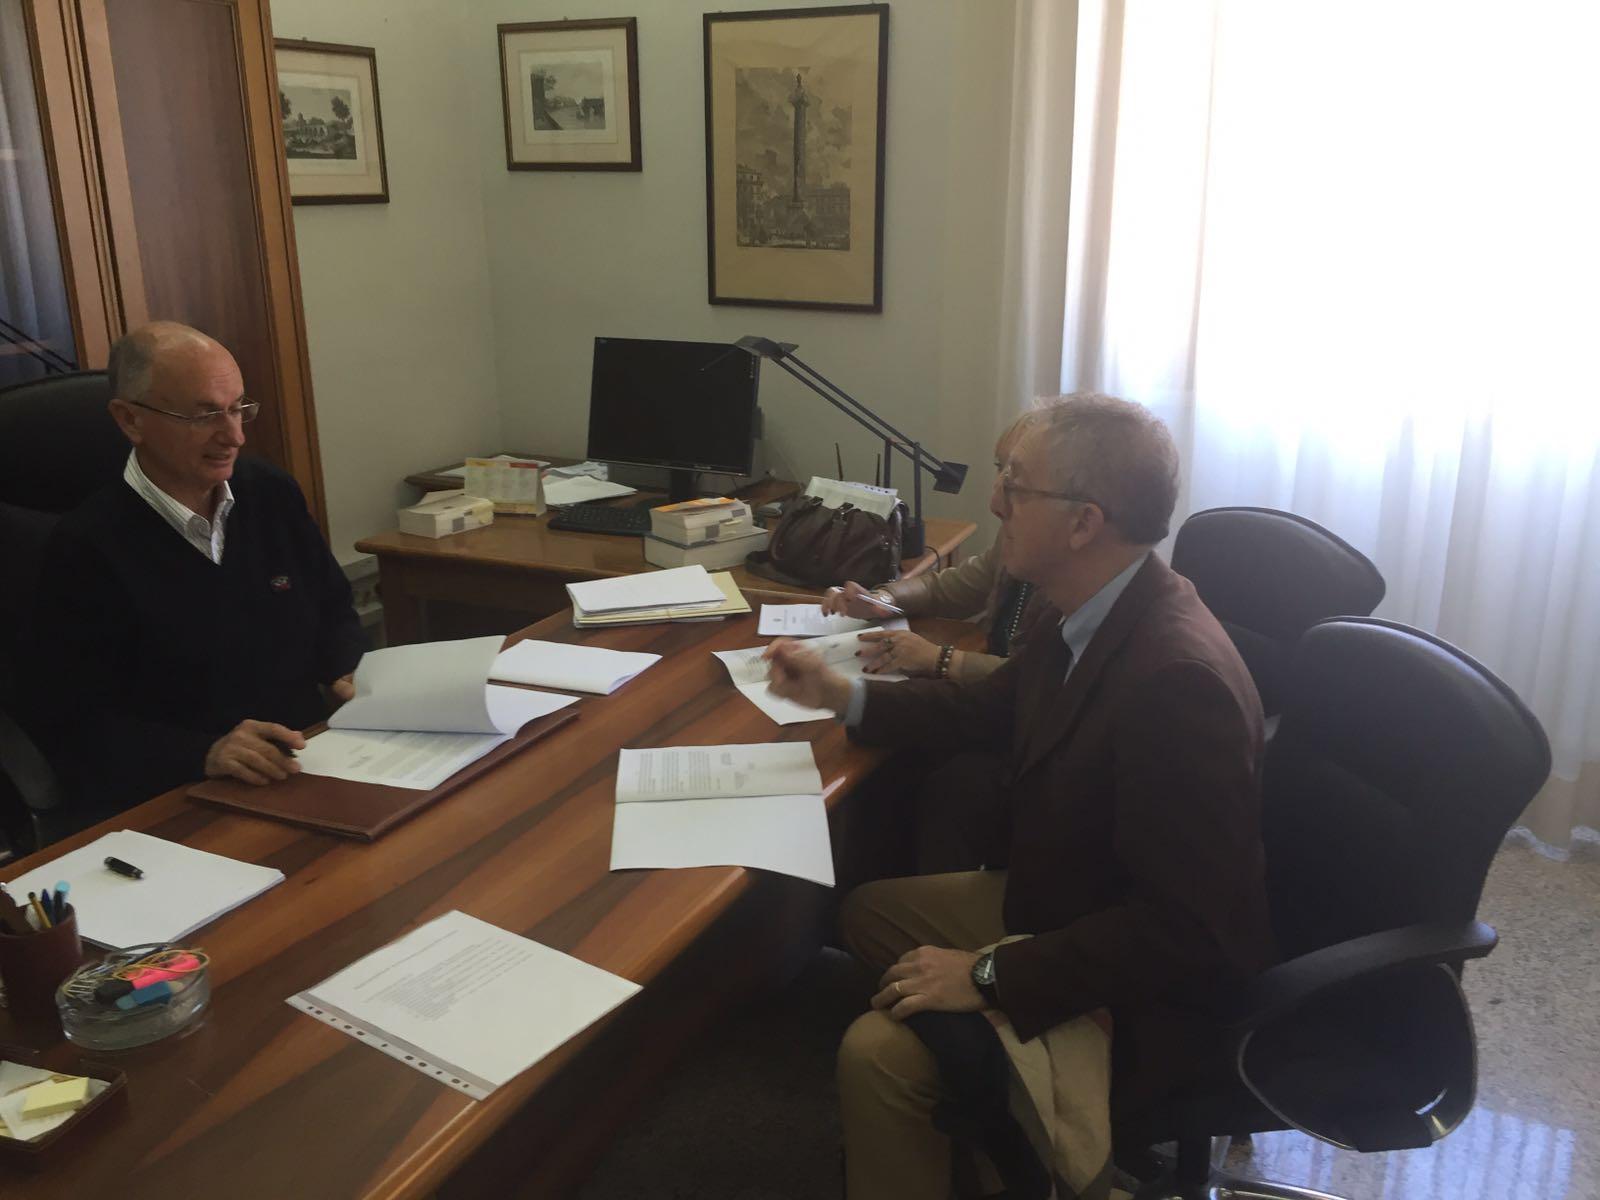 Ufficio Di Esecuzione Penale Esterna : Firmata la convenzione tra aou cagliari tribunale ordinario